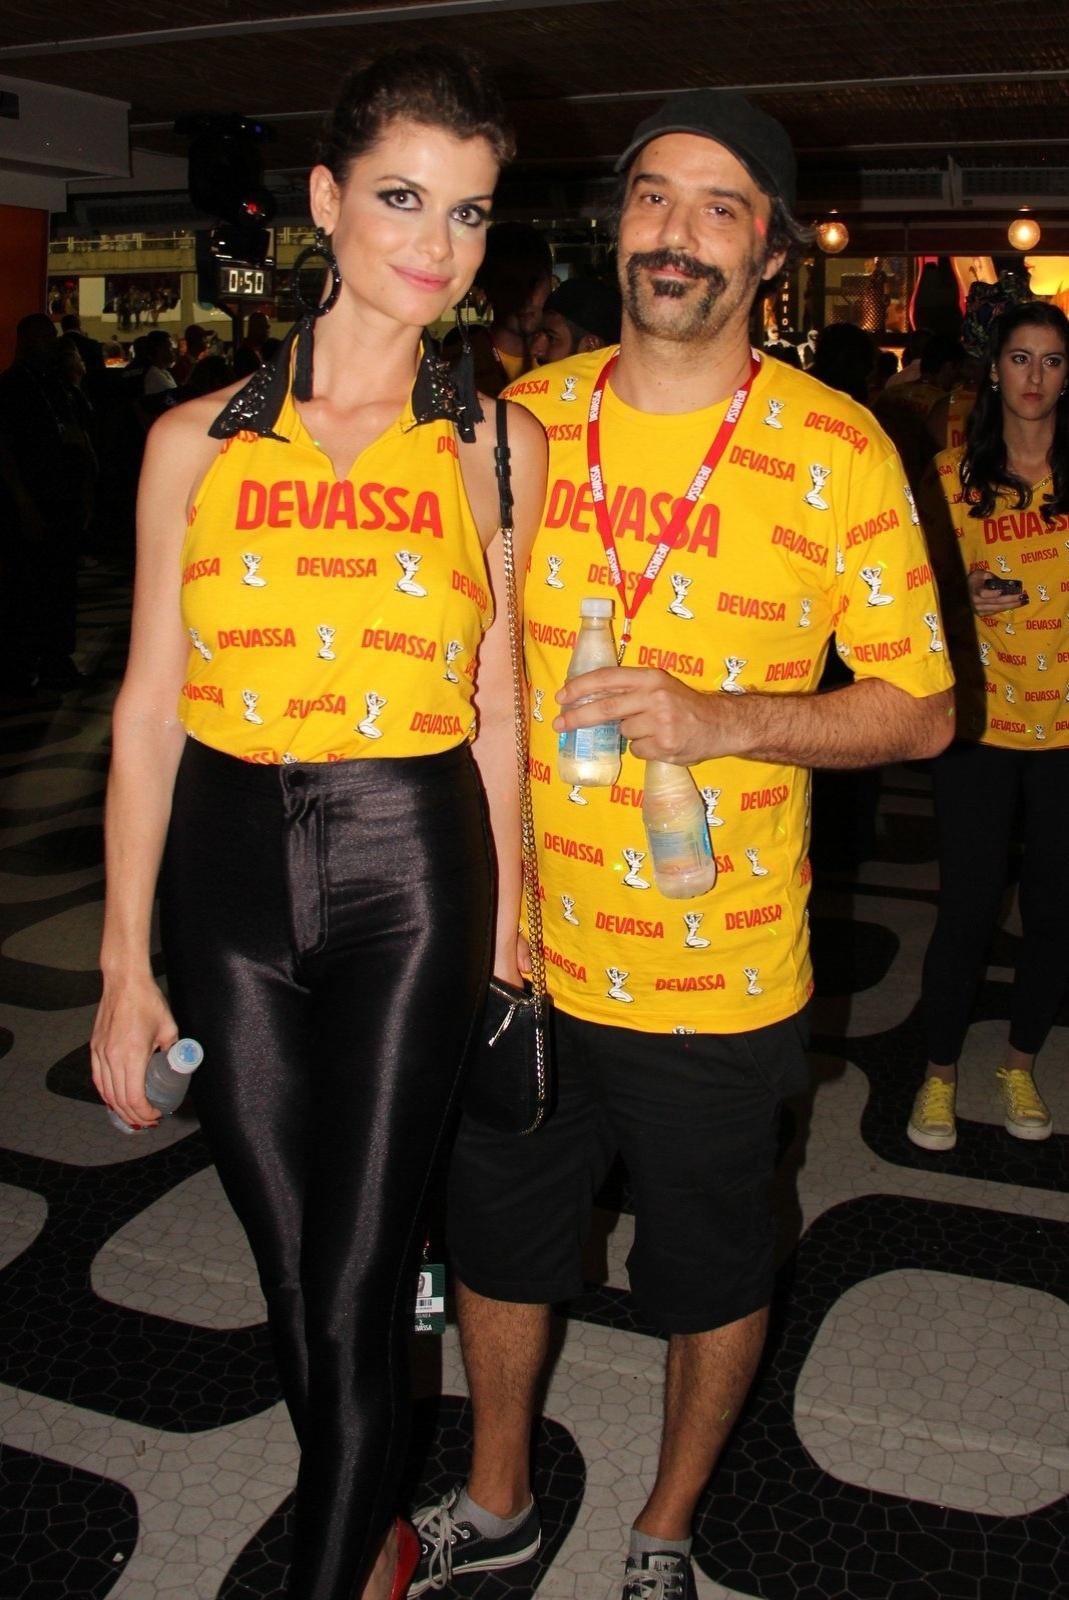 17.fev.2015 - Alinne Moraes curte camarote na Sapucaí, no Rio de Janeiro, acompanhada do marido, o cineasta Mauro Lima